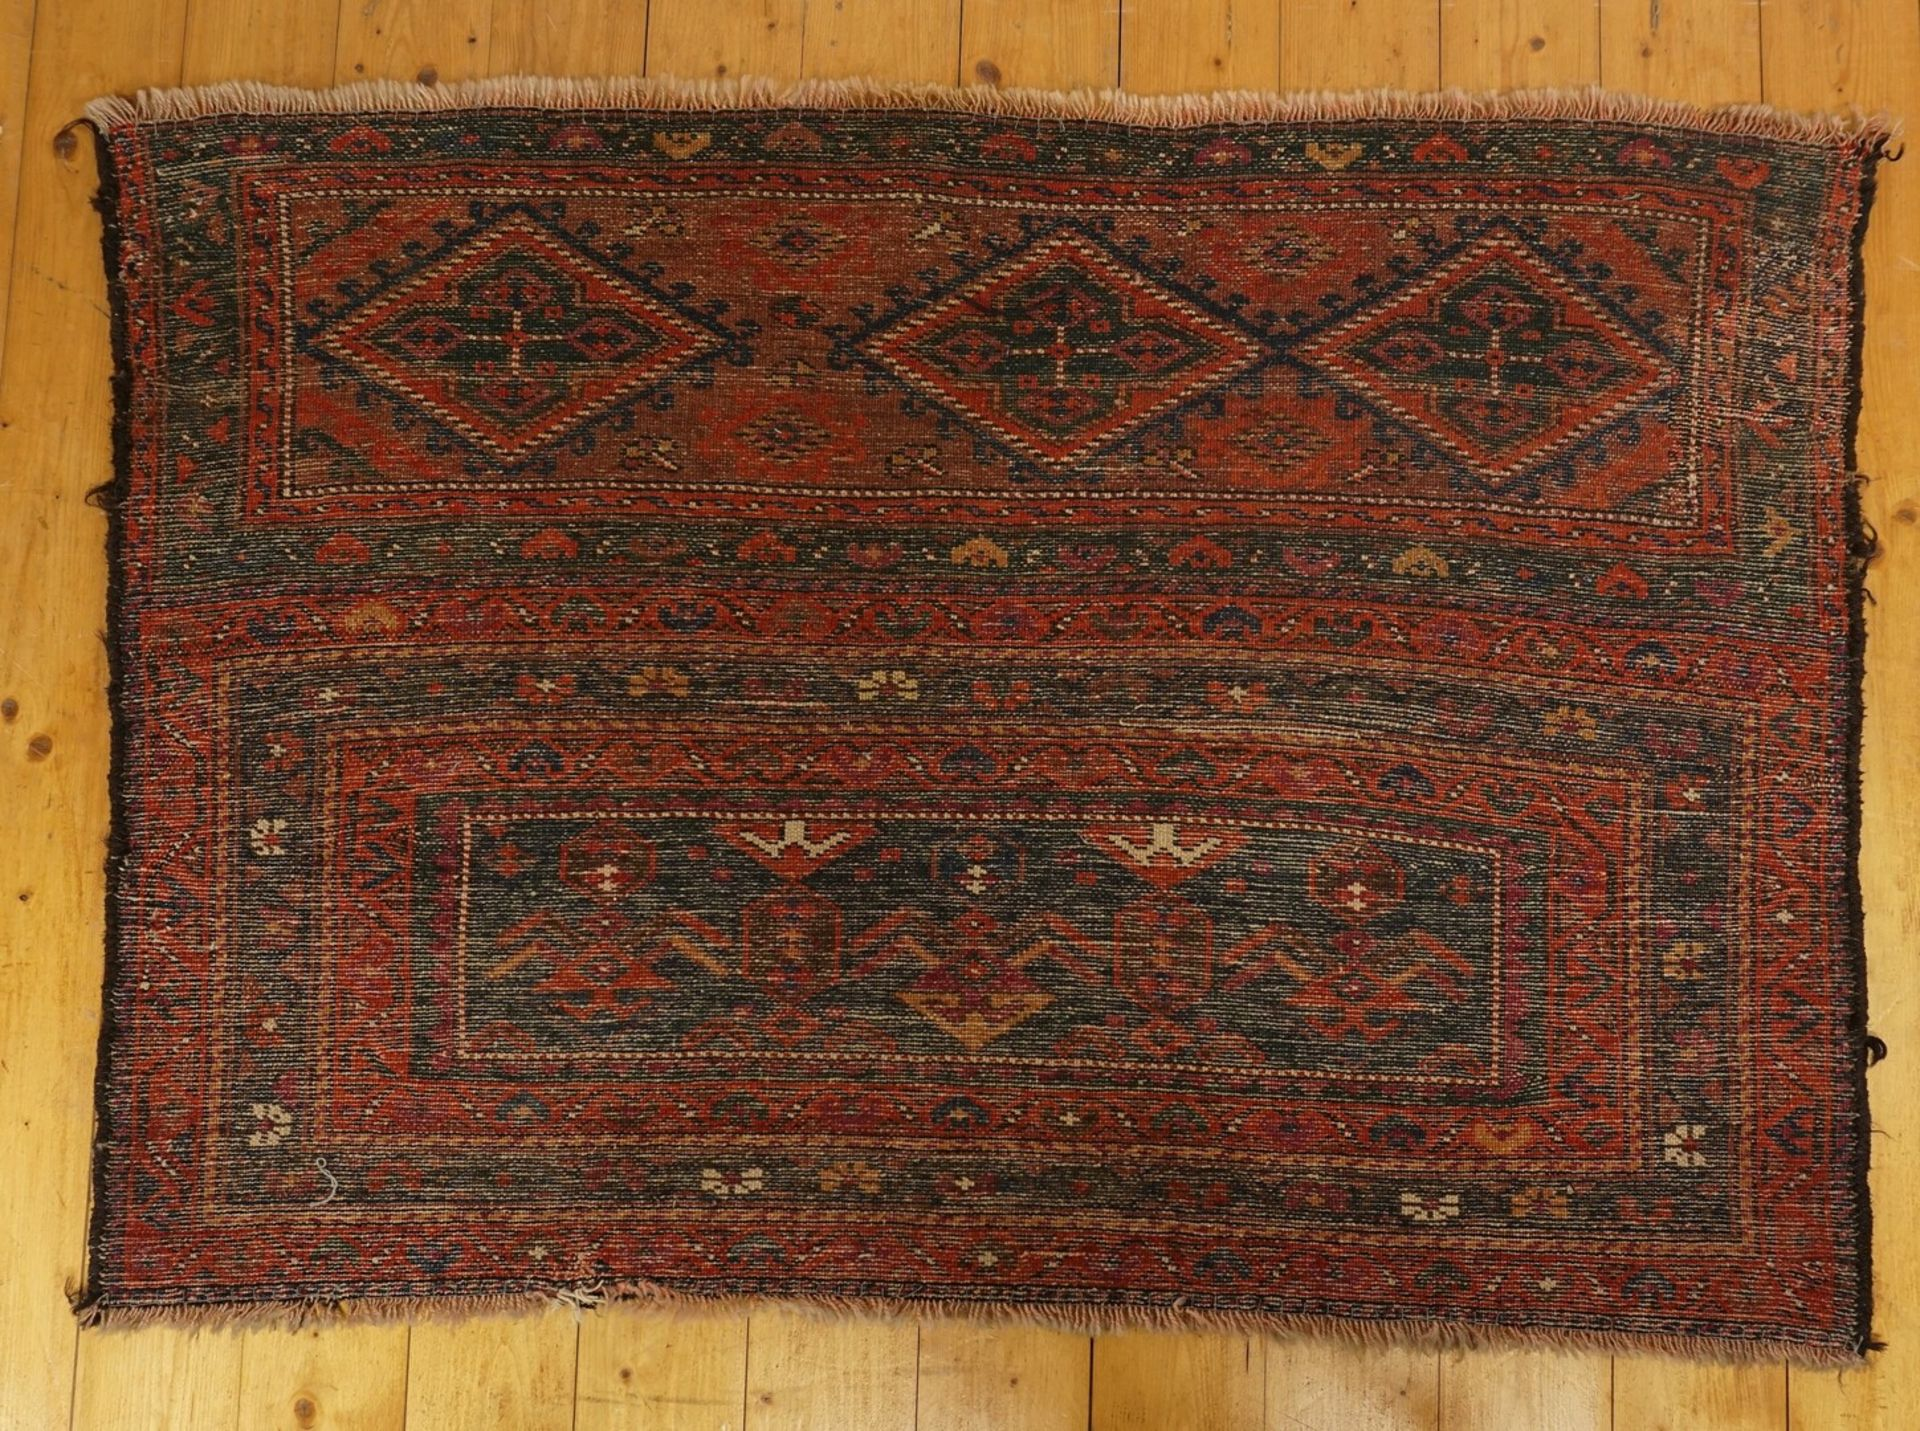 Tekke Teppich Turkmenistan - Bild 2 aus 3